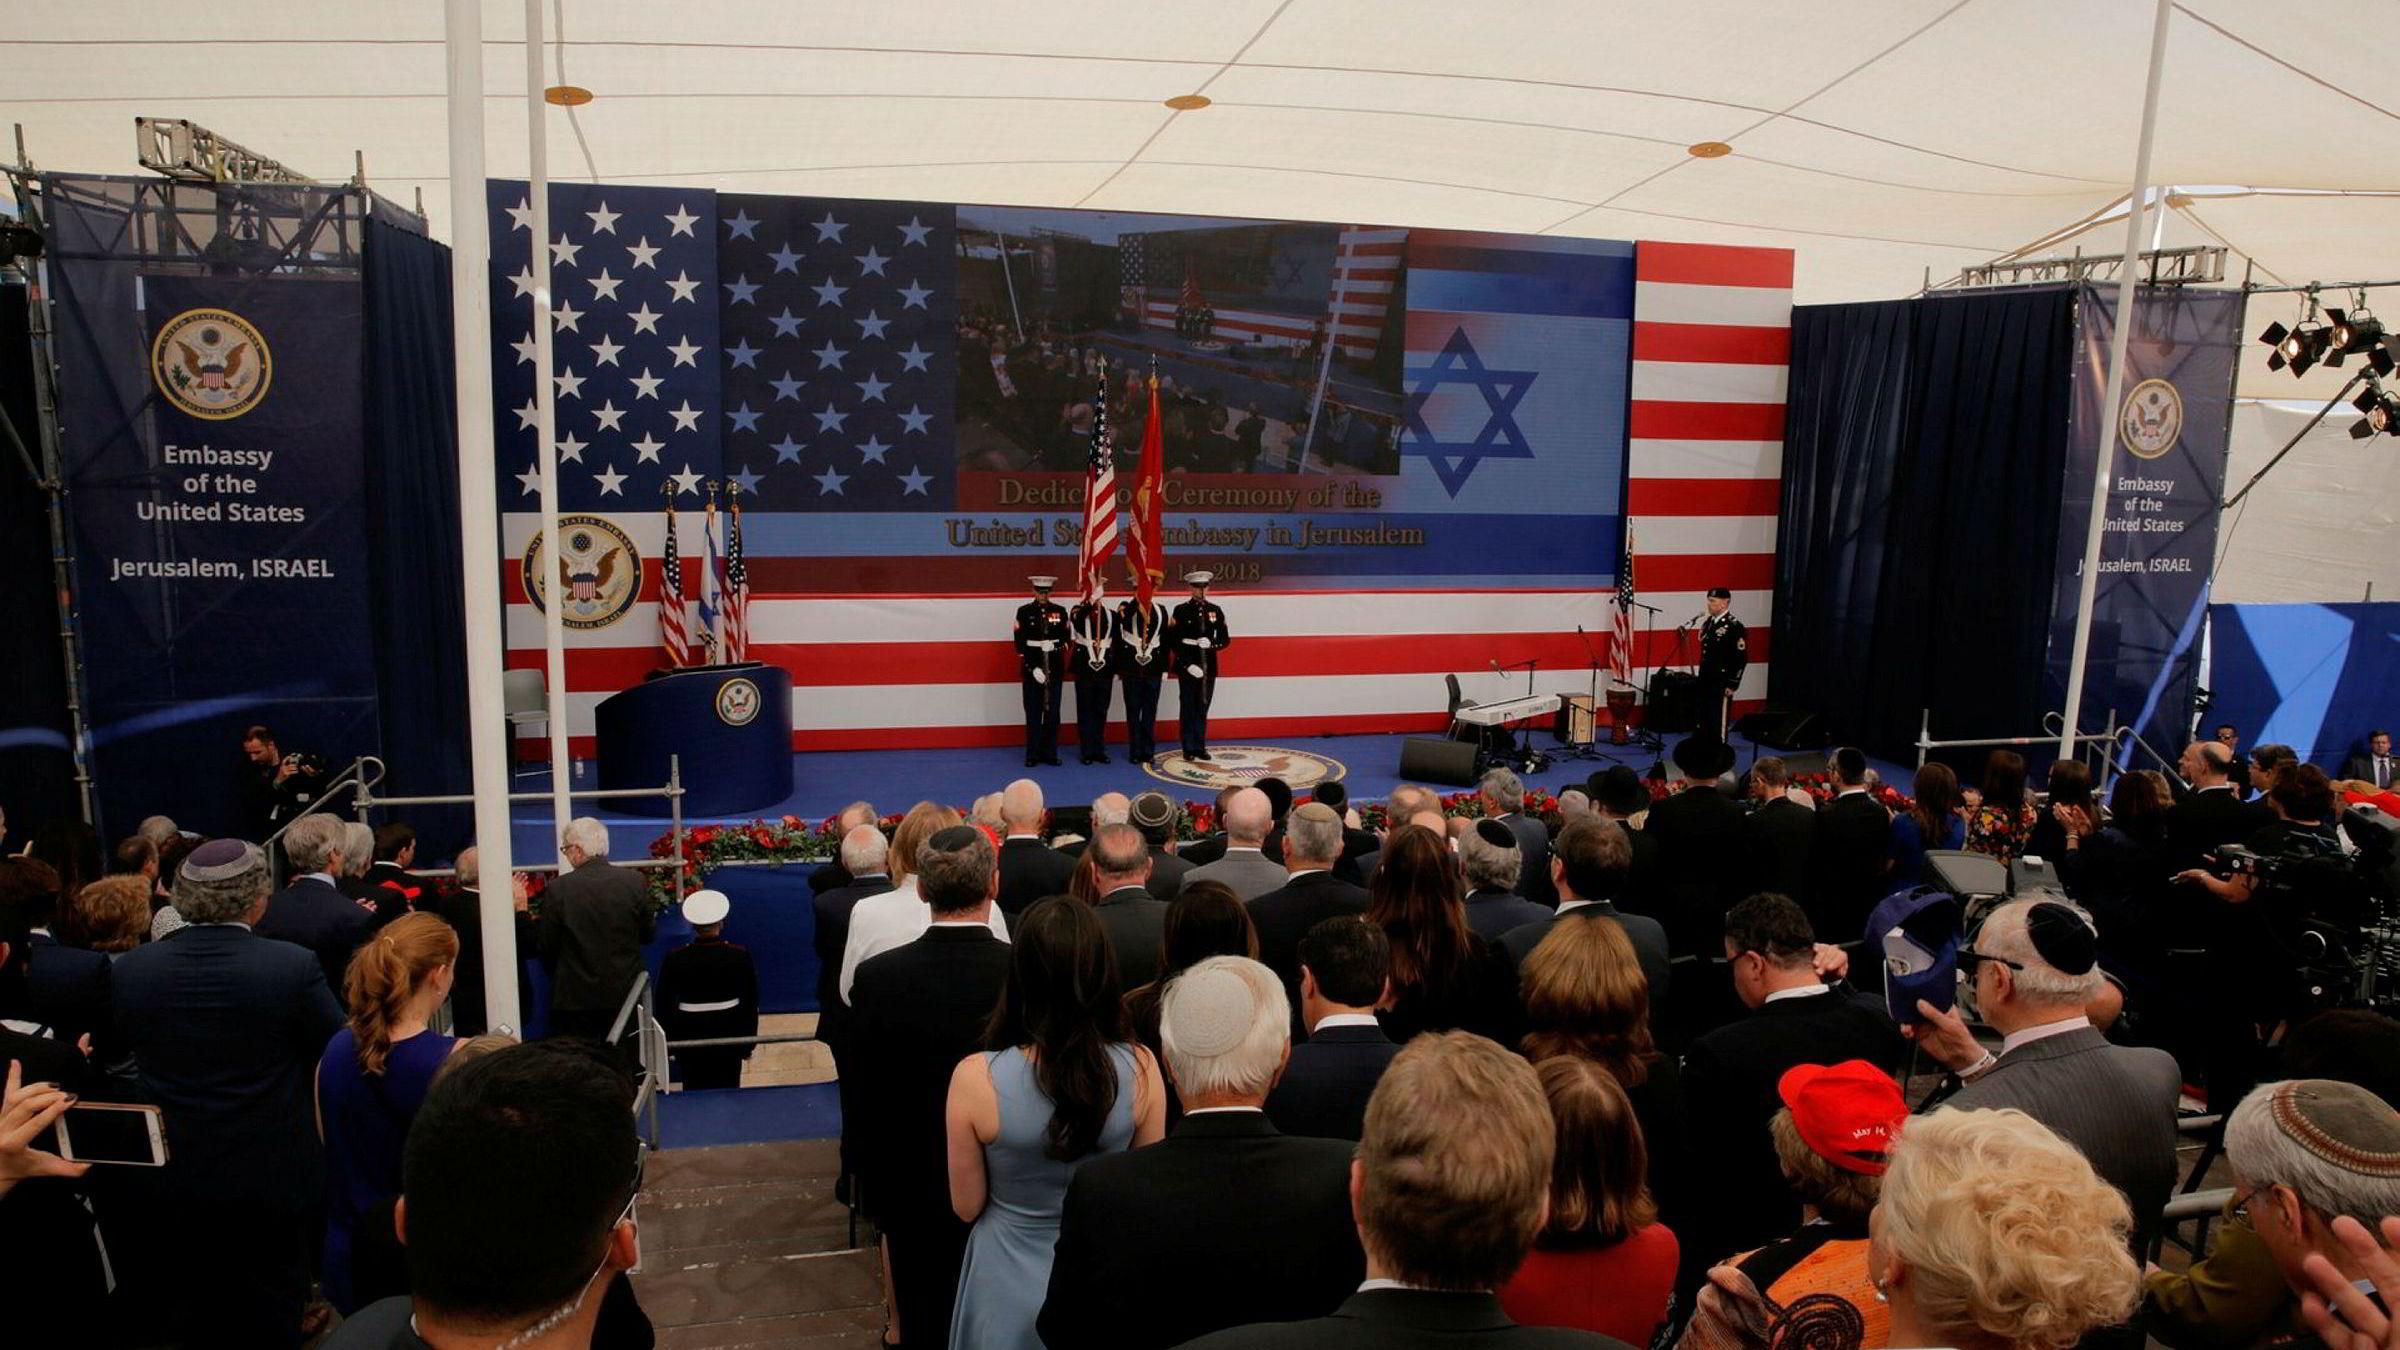 USA åpnet mandag sin omstridte ambassade i Jerusalem, etter å ha erklært den okkuperte byen for Israels hovedstad.